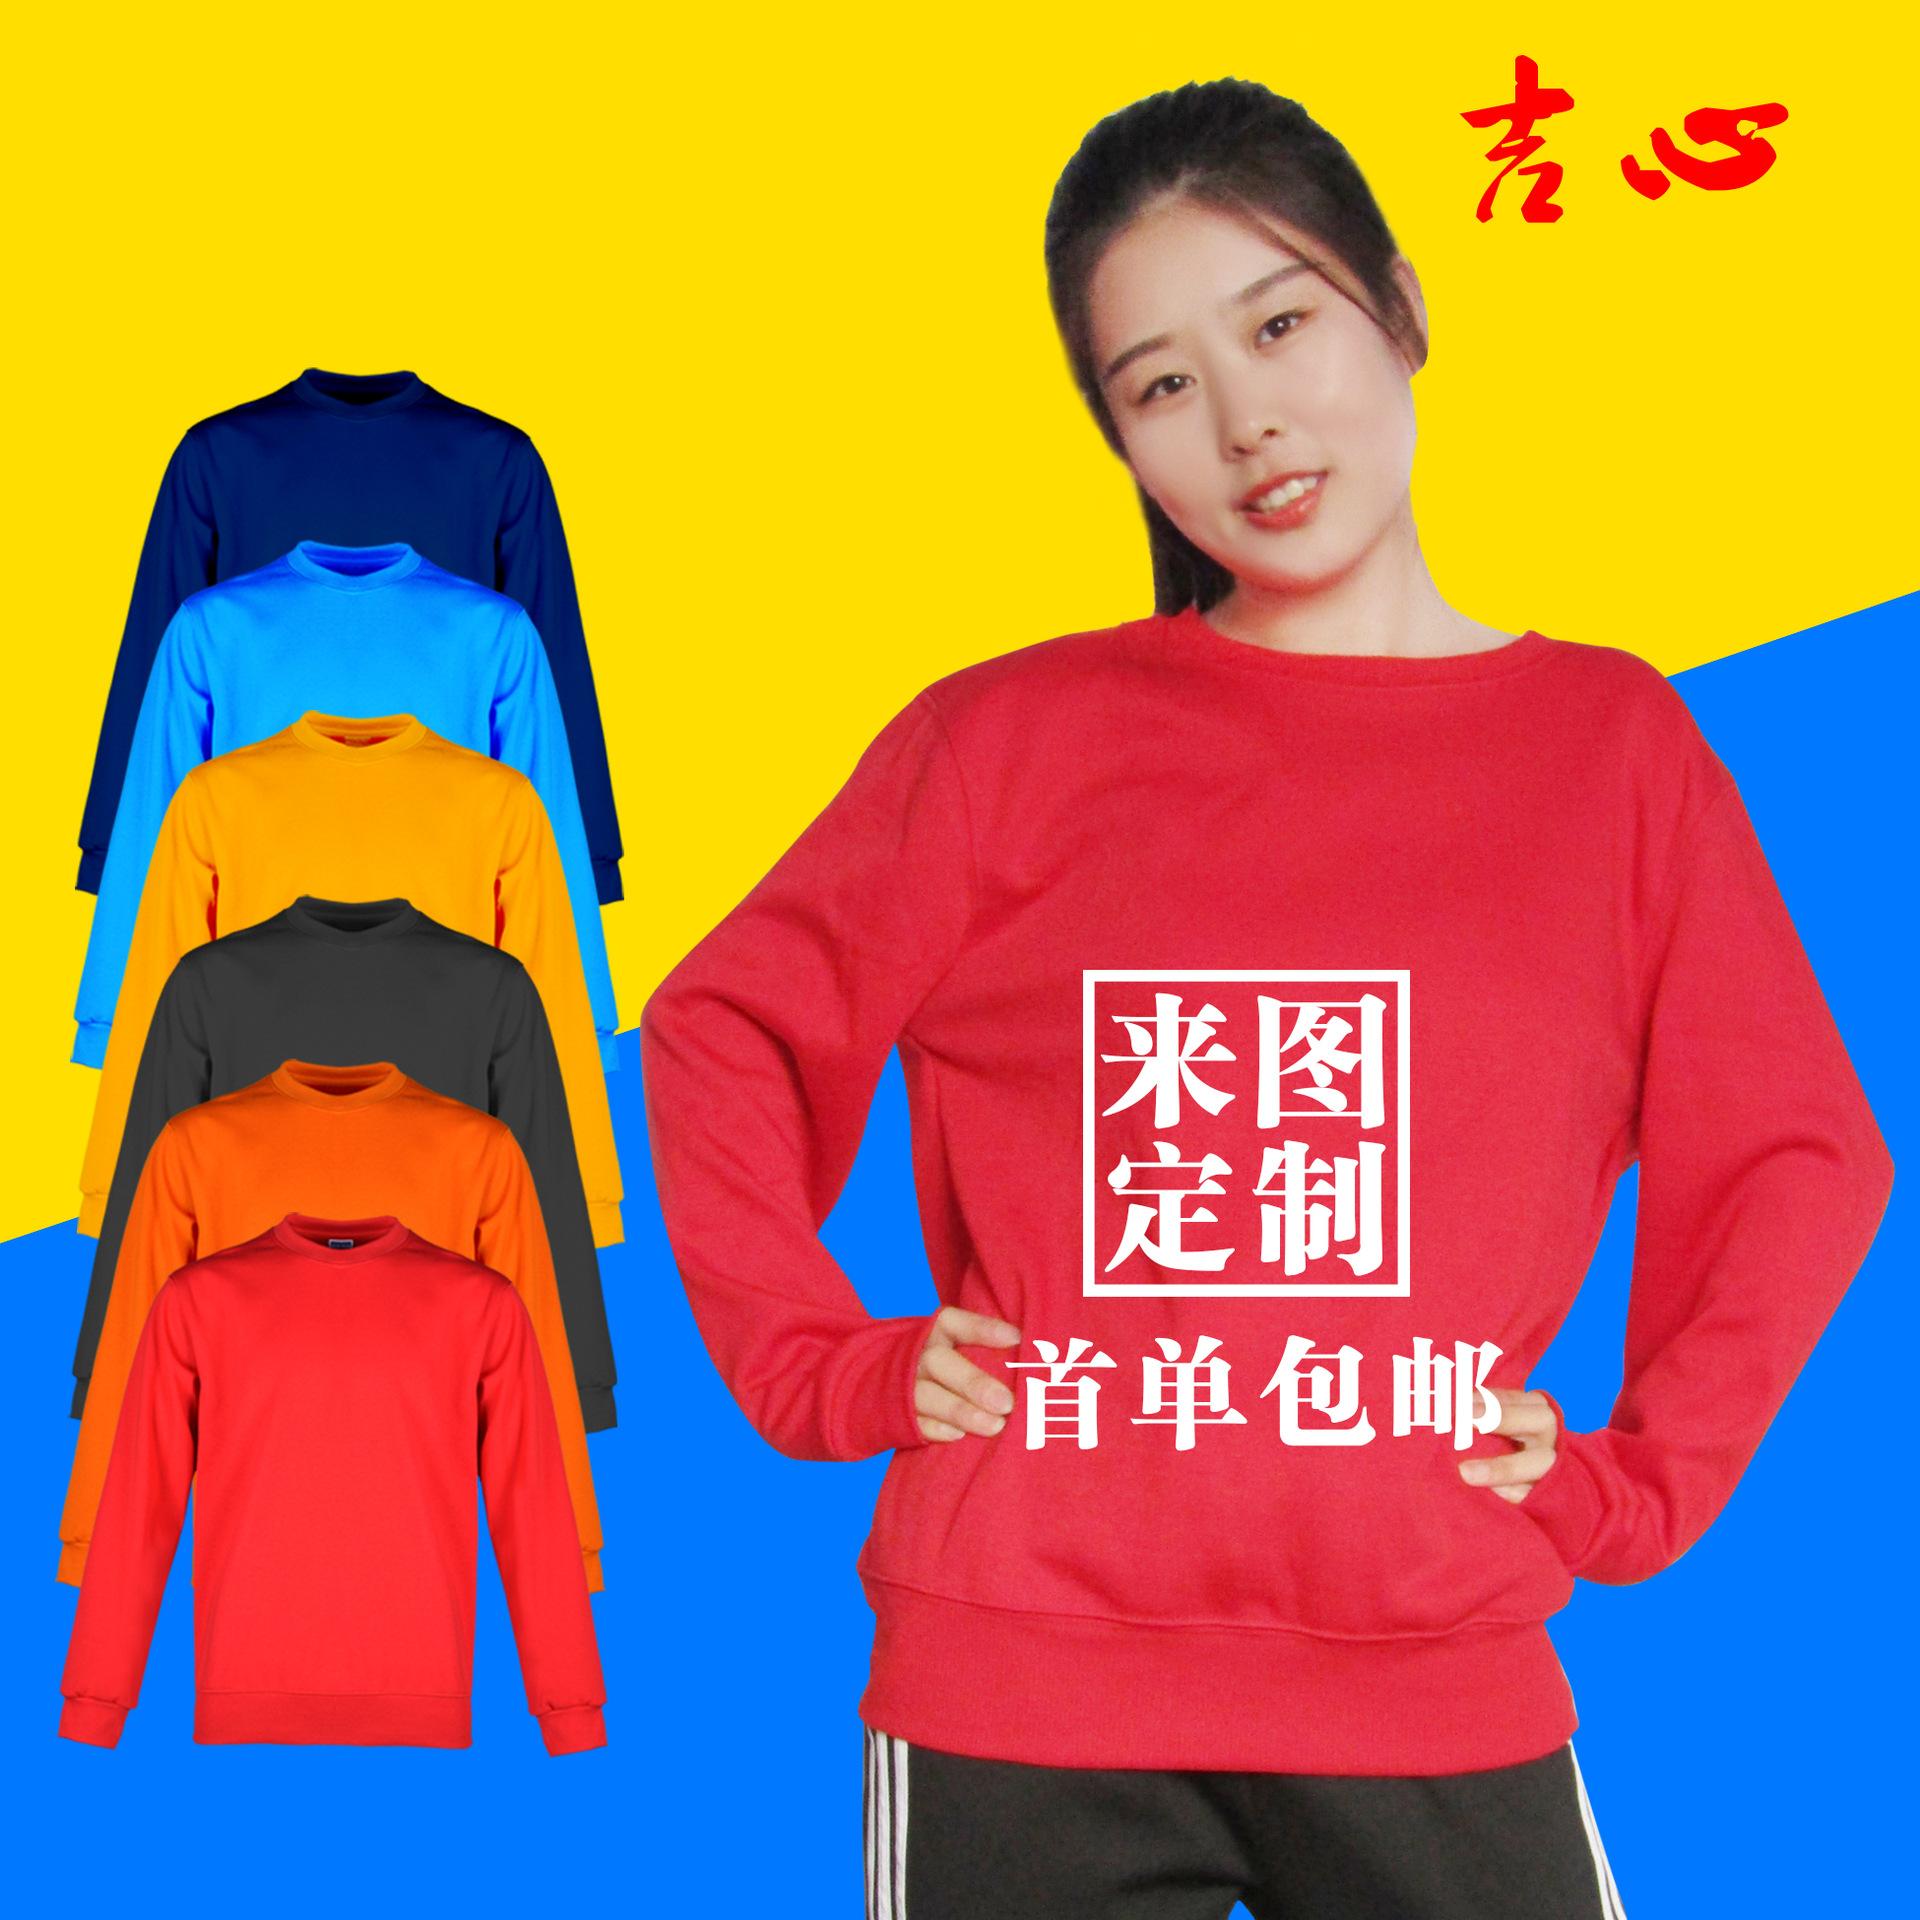 速干圆领卫衣男 定制订做diy纯色空白圆领纪念活动班服广告衫